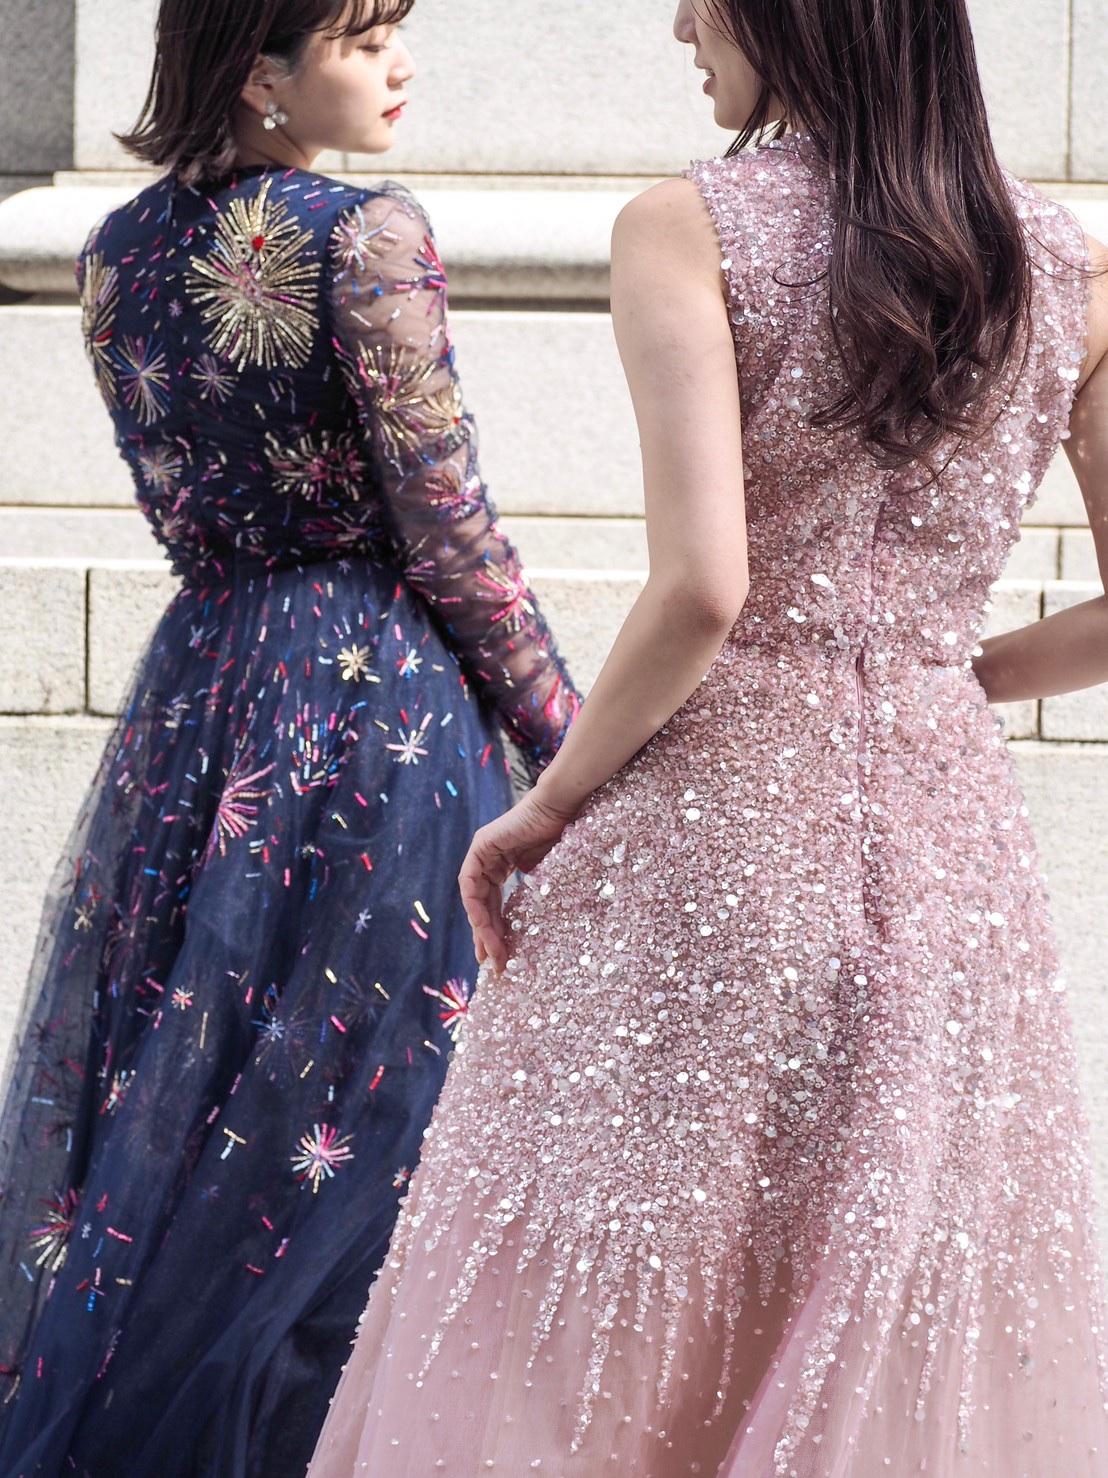 ザトリートドレッシング神戸店にてお取り扱いのあるビジューが美しいモニークルイリエとリームアクラのカラードレスのご紹介